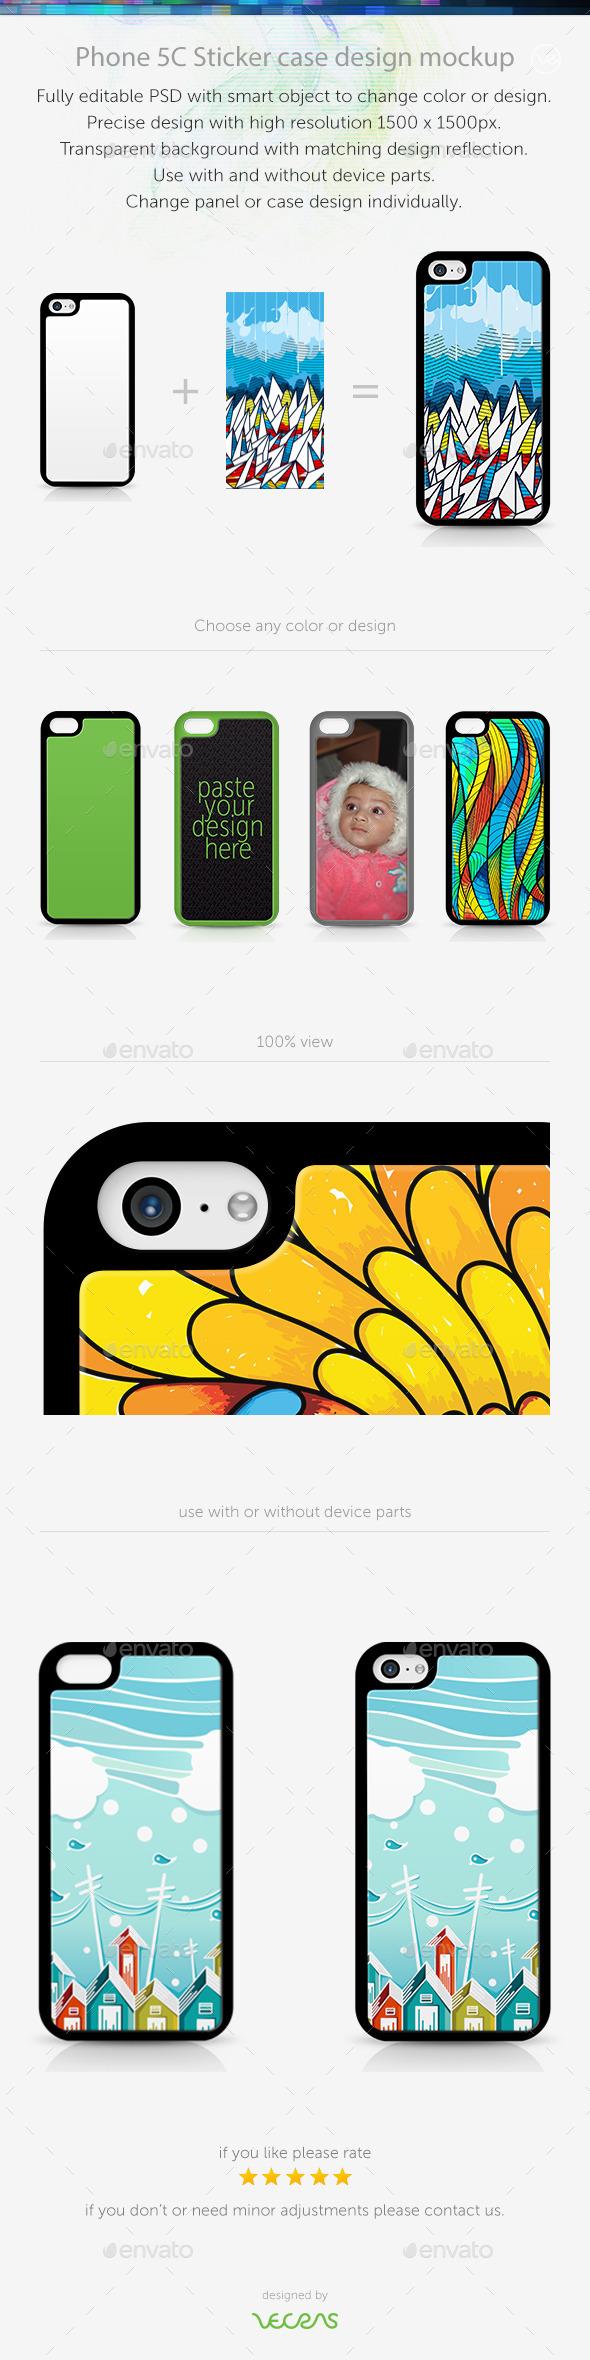 Phone 5C Sticker Case Design Mockup - Mobile Displays